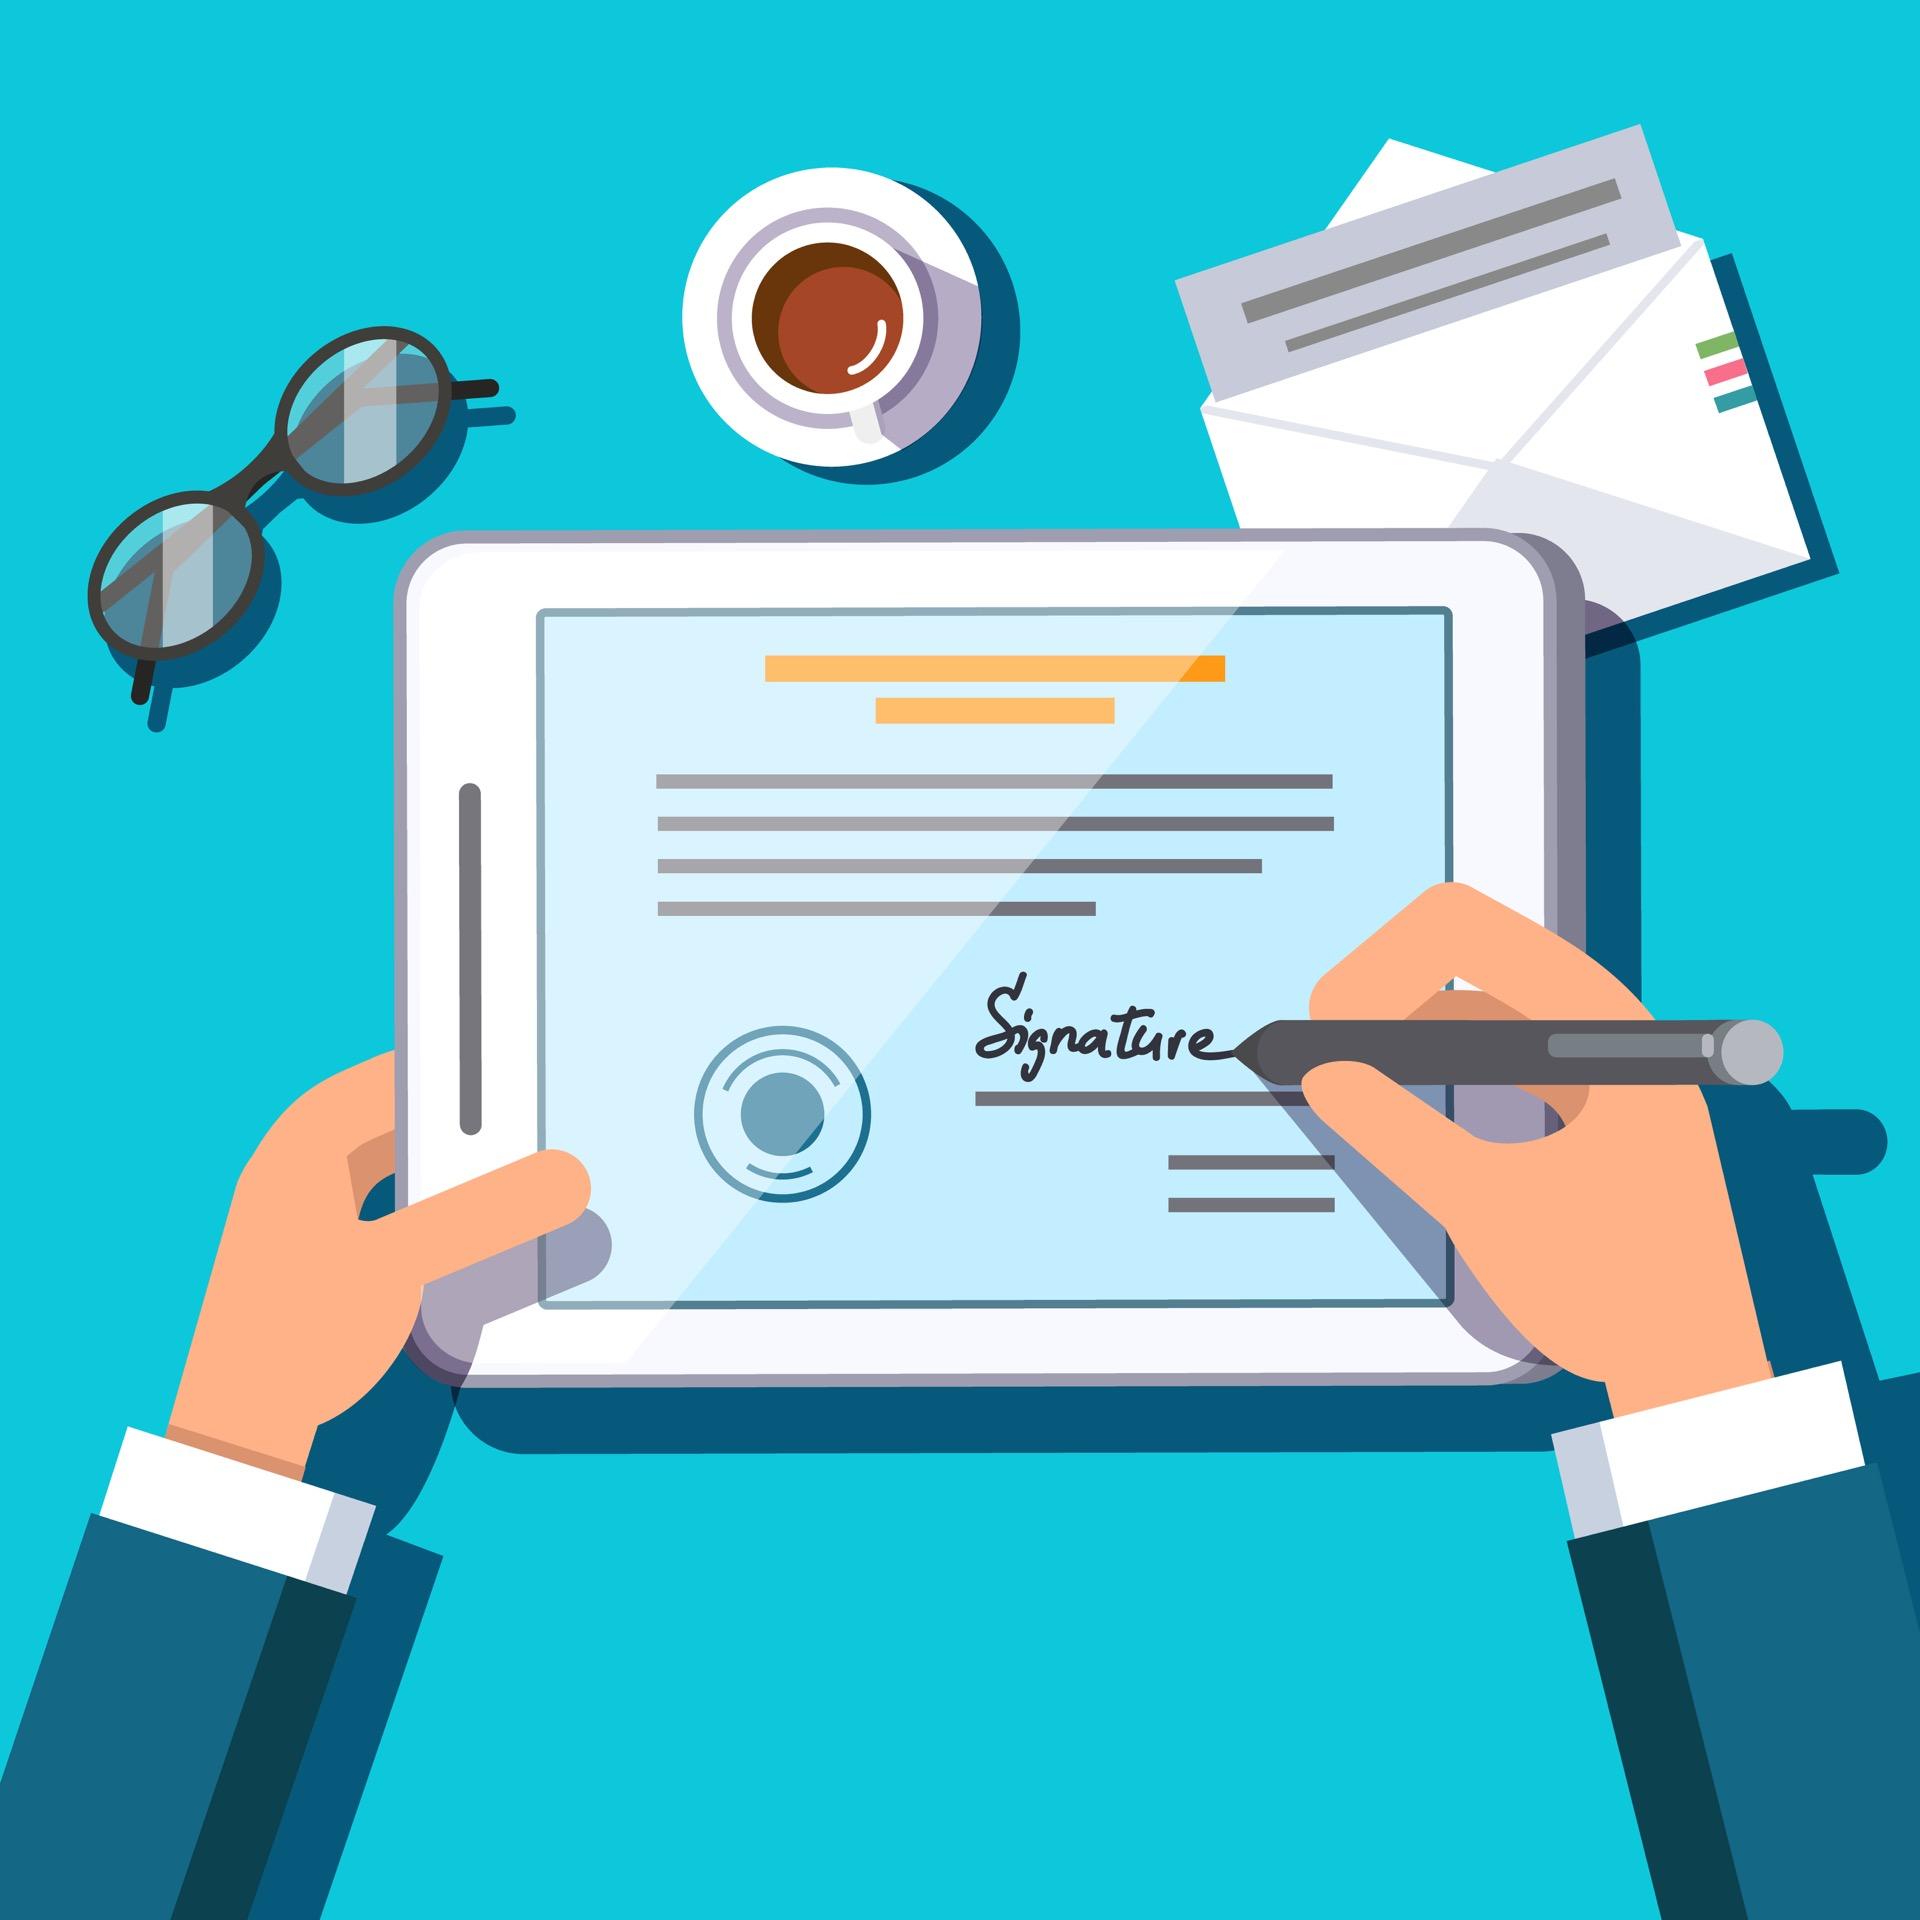 Los contratos, la firma electrónica y un nuevo mercado.